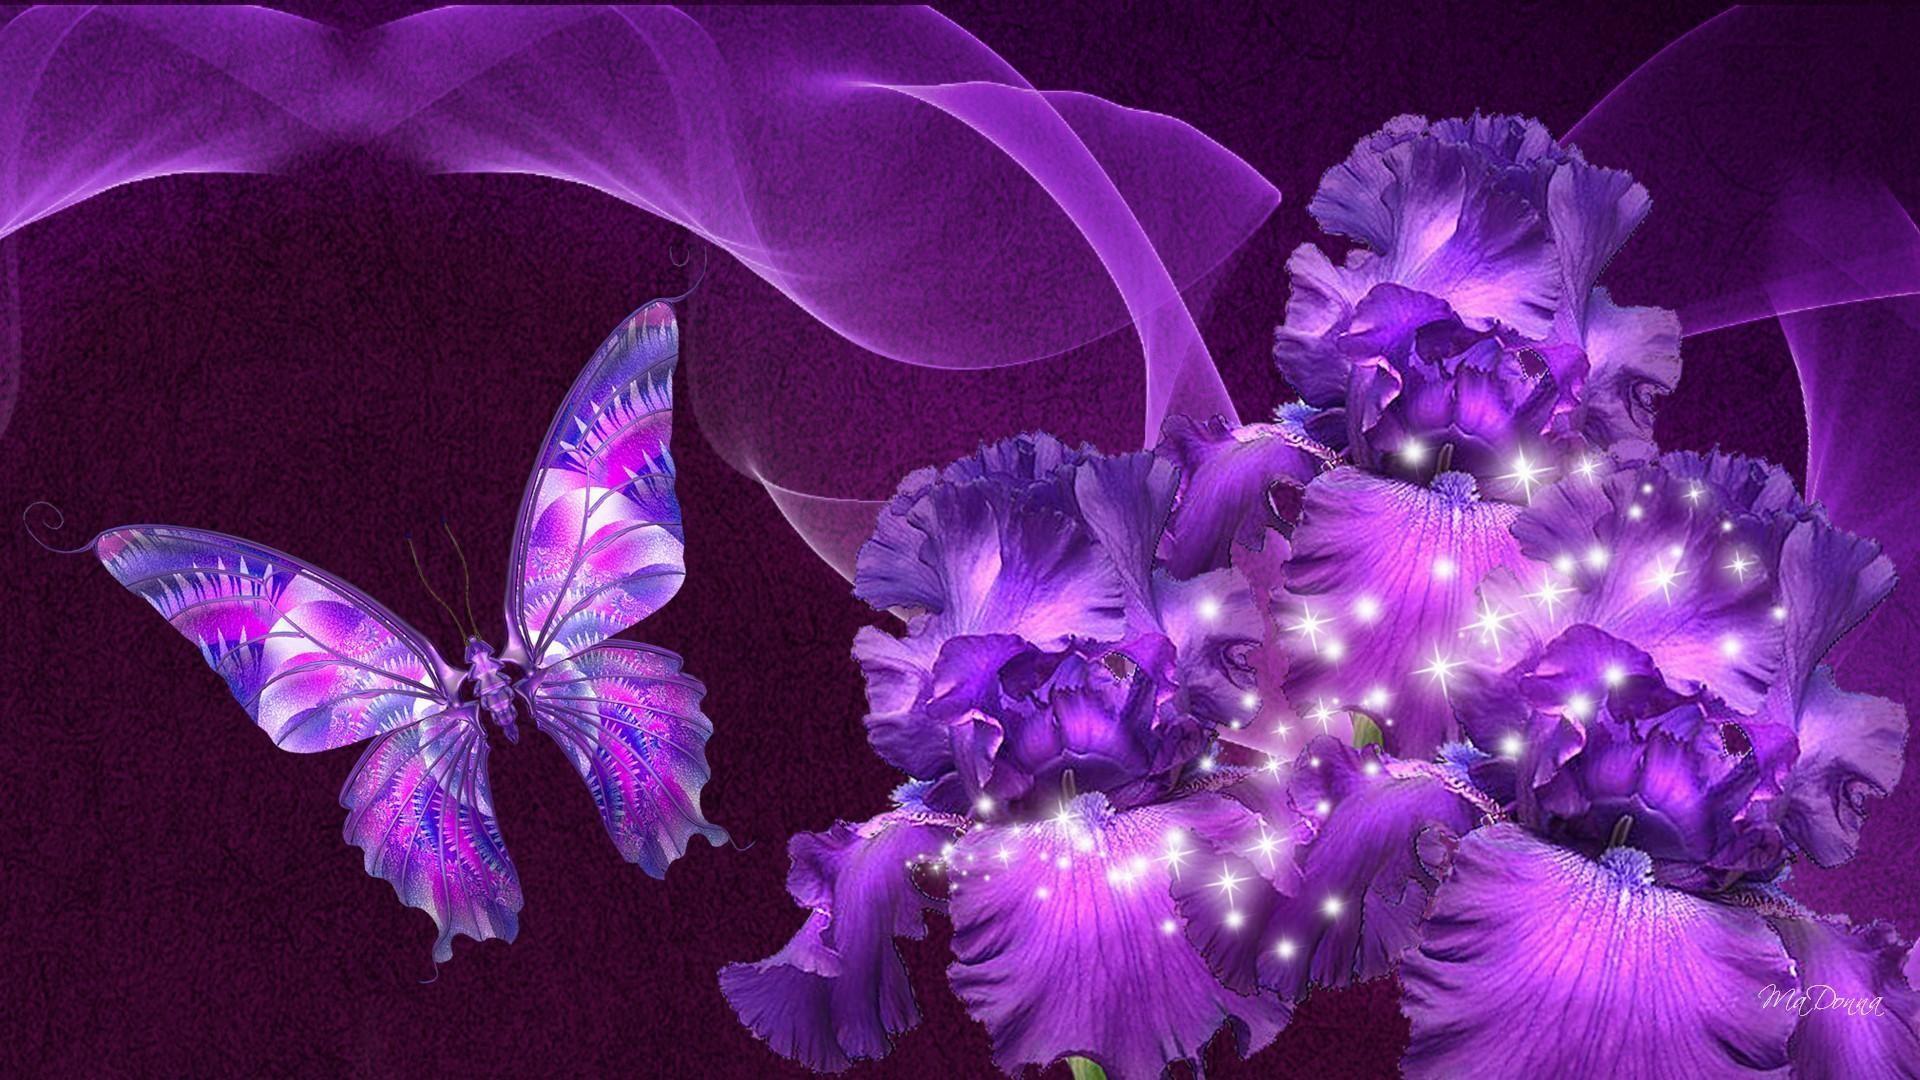 1920x1080 Wallpaper Flowers And Butterflies